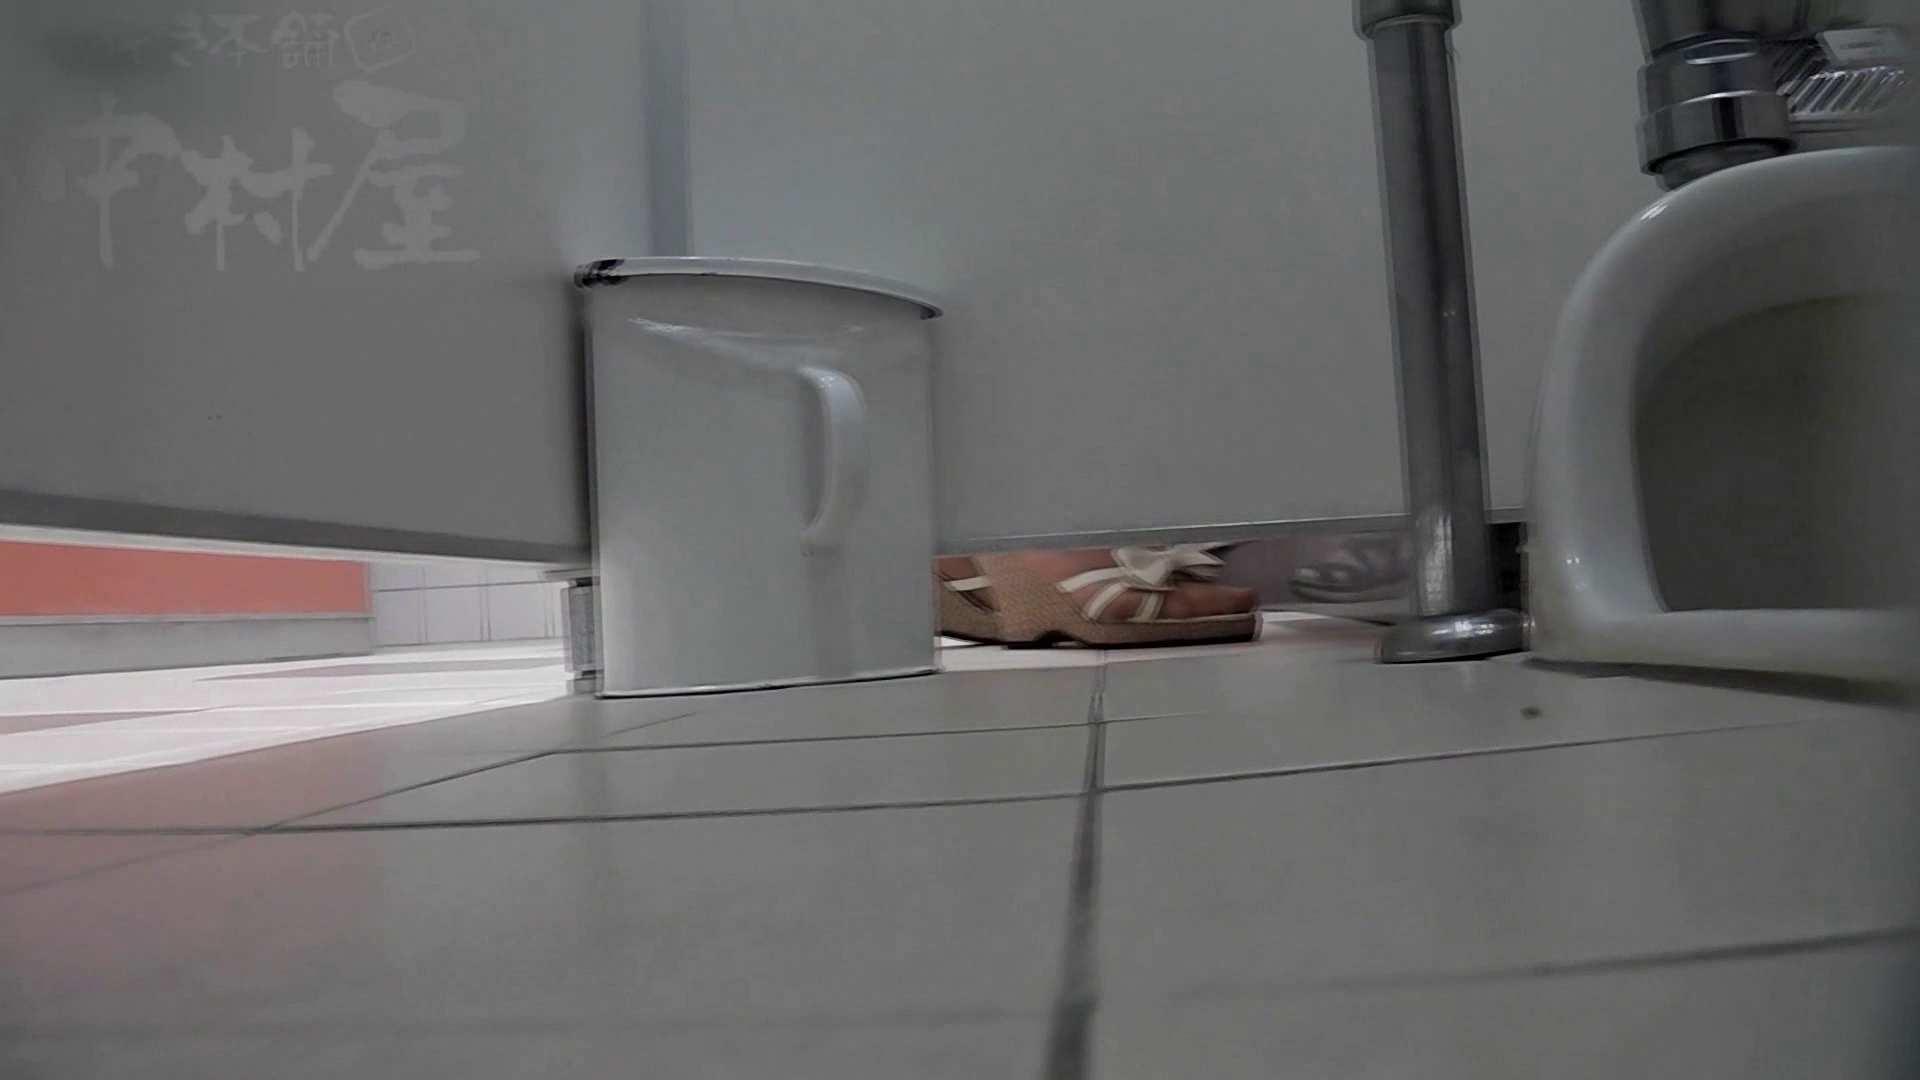 美しい日本の未来 No.08 腕を磨き再発進 女子トイレ 隠し撮りAV無料 90PICs 38